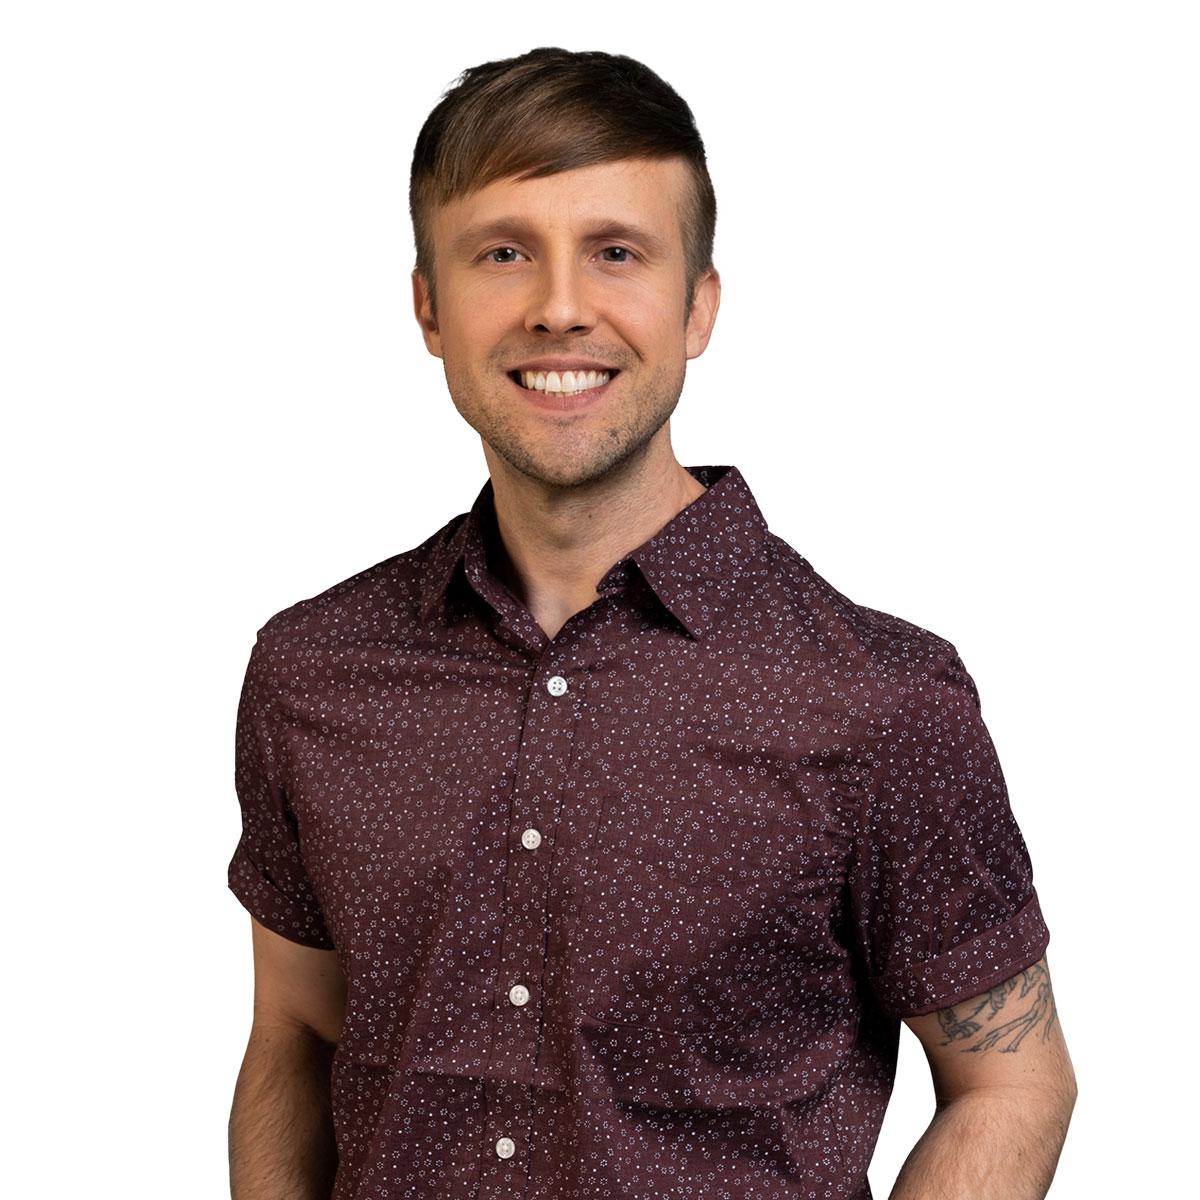 Dustin McLaughlin